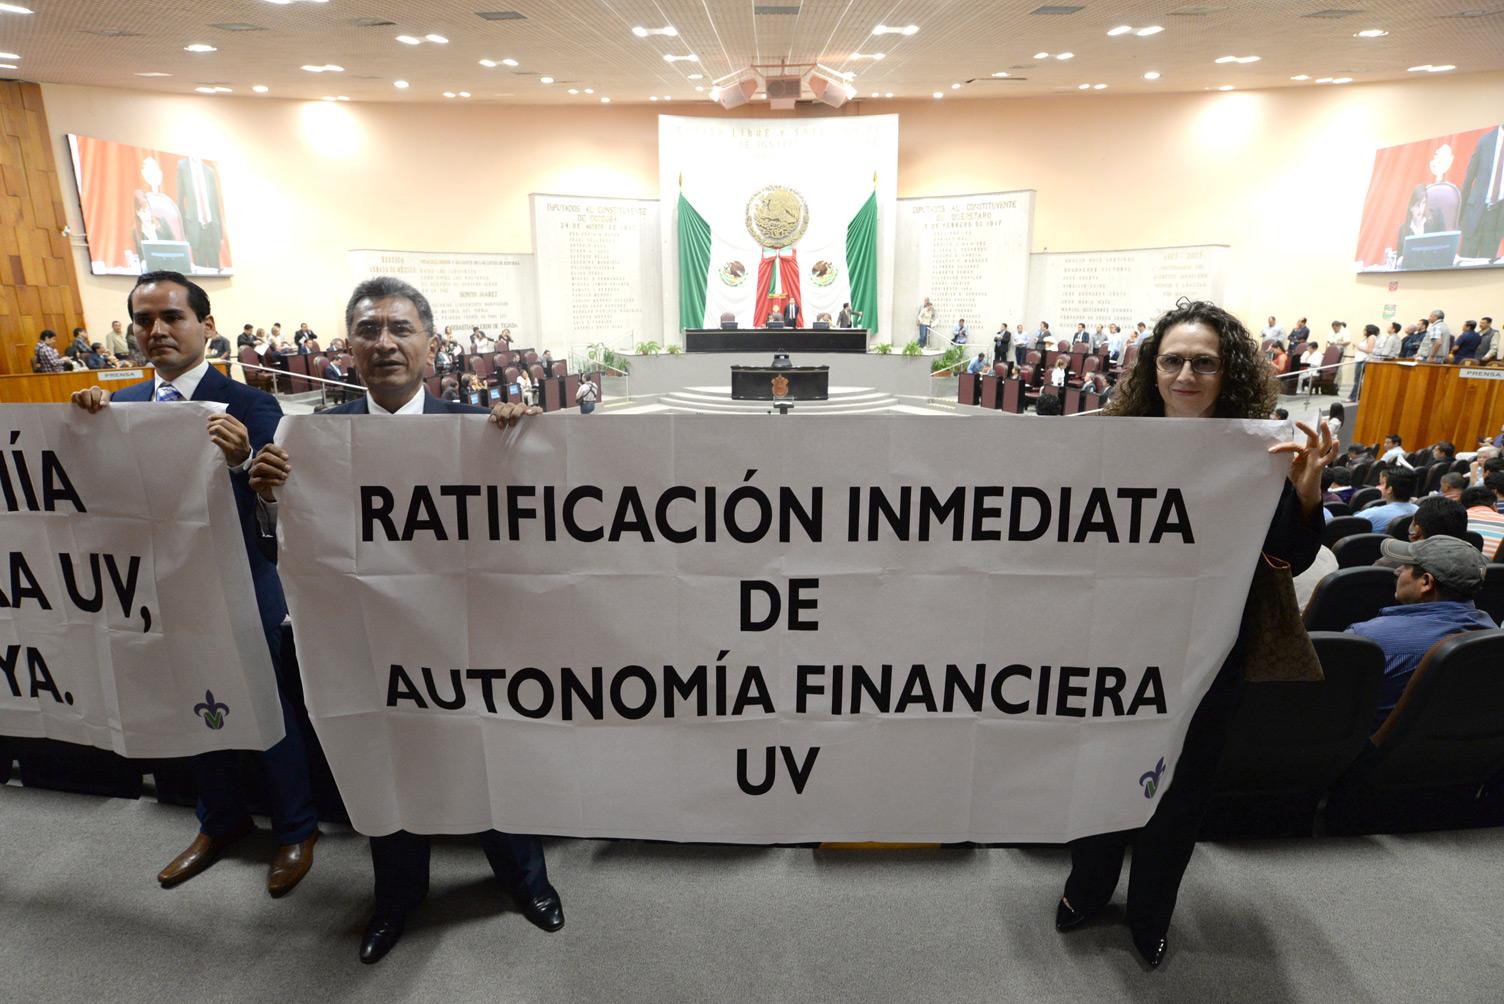 UV se manifestó en el Congreso por la autonomía financiera